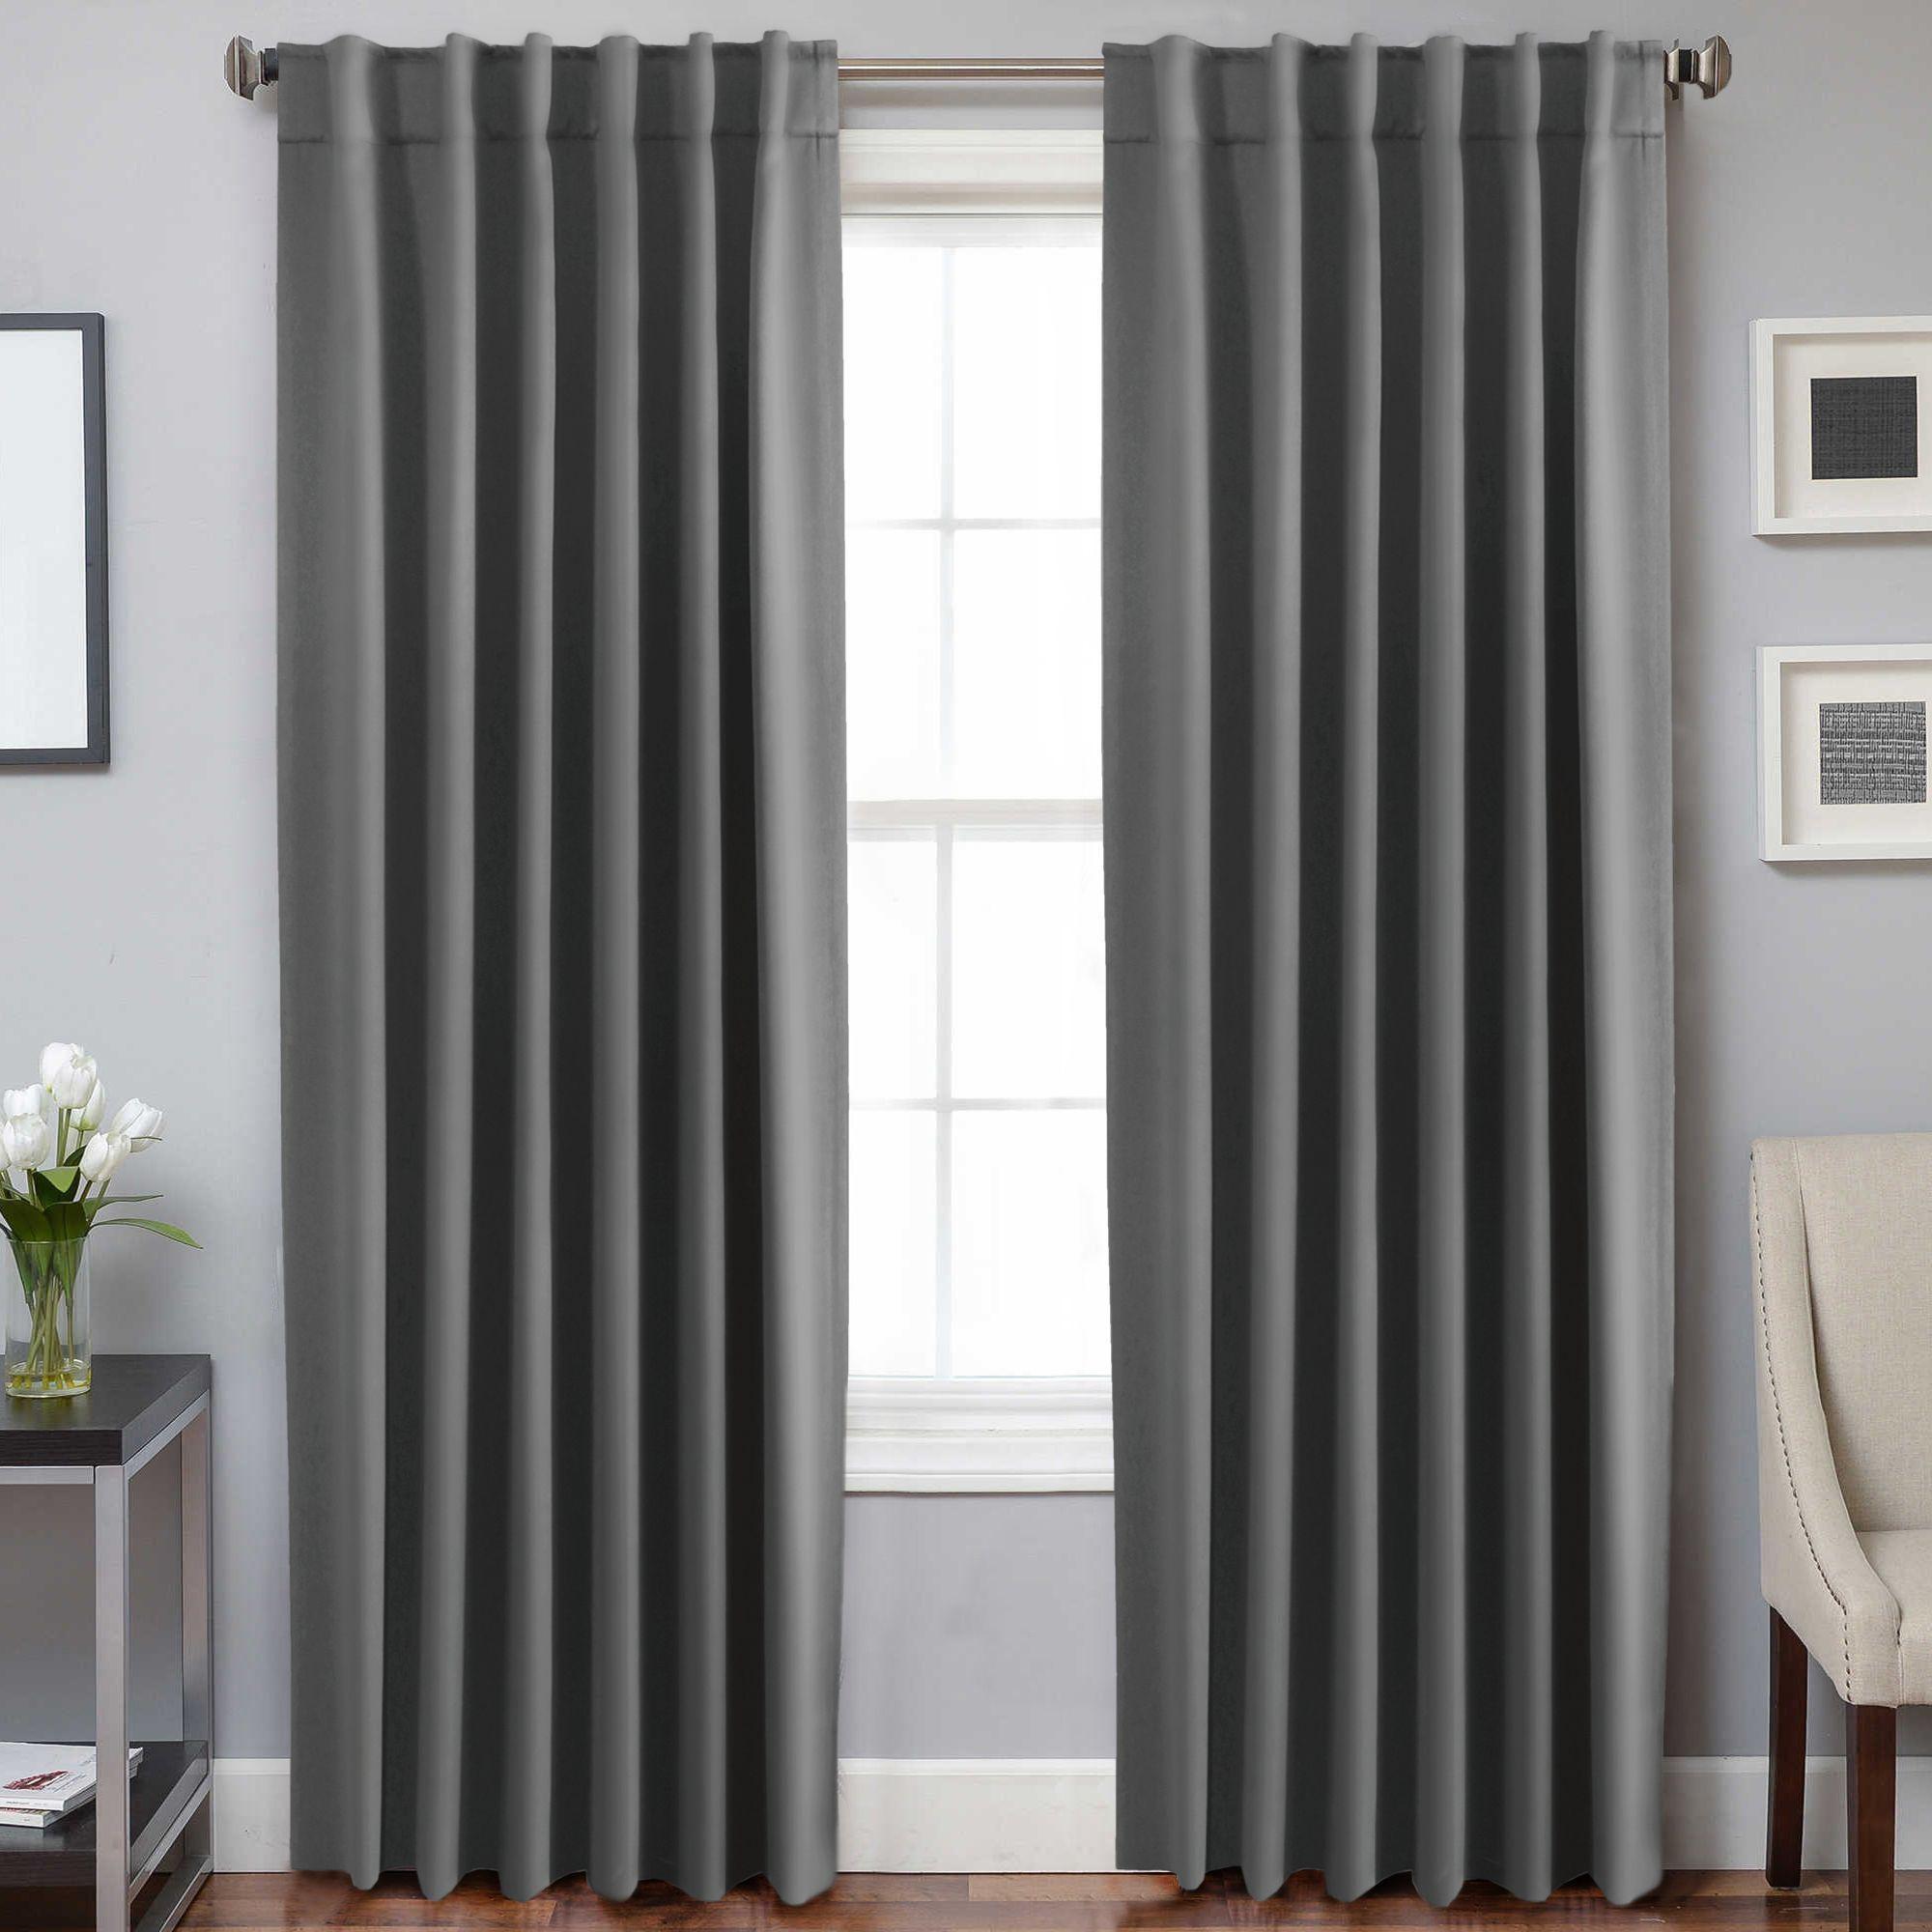 2 Panels Blackout Curtains For Bedroom Window Curtain Drapes Pair For Living Room Rod Pocket Back Tab Curtain Header Grey Matt Blatt